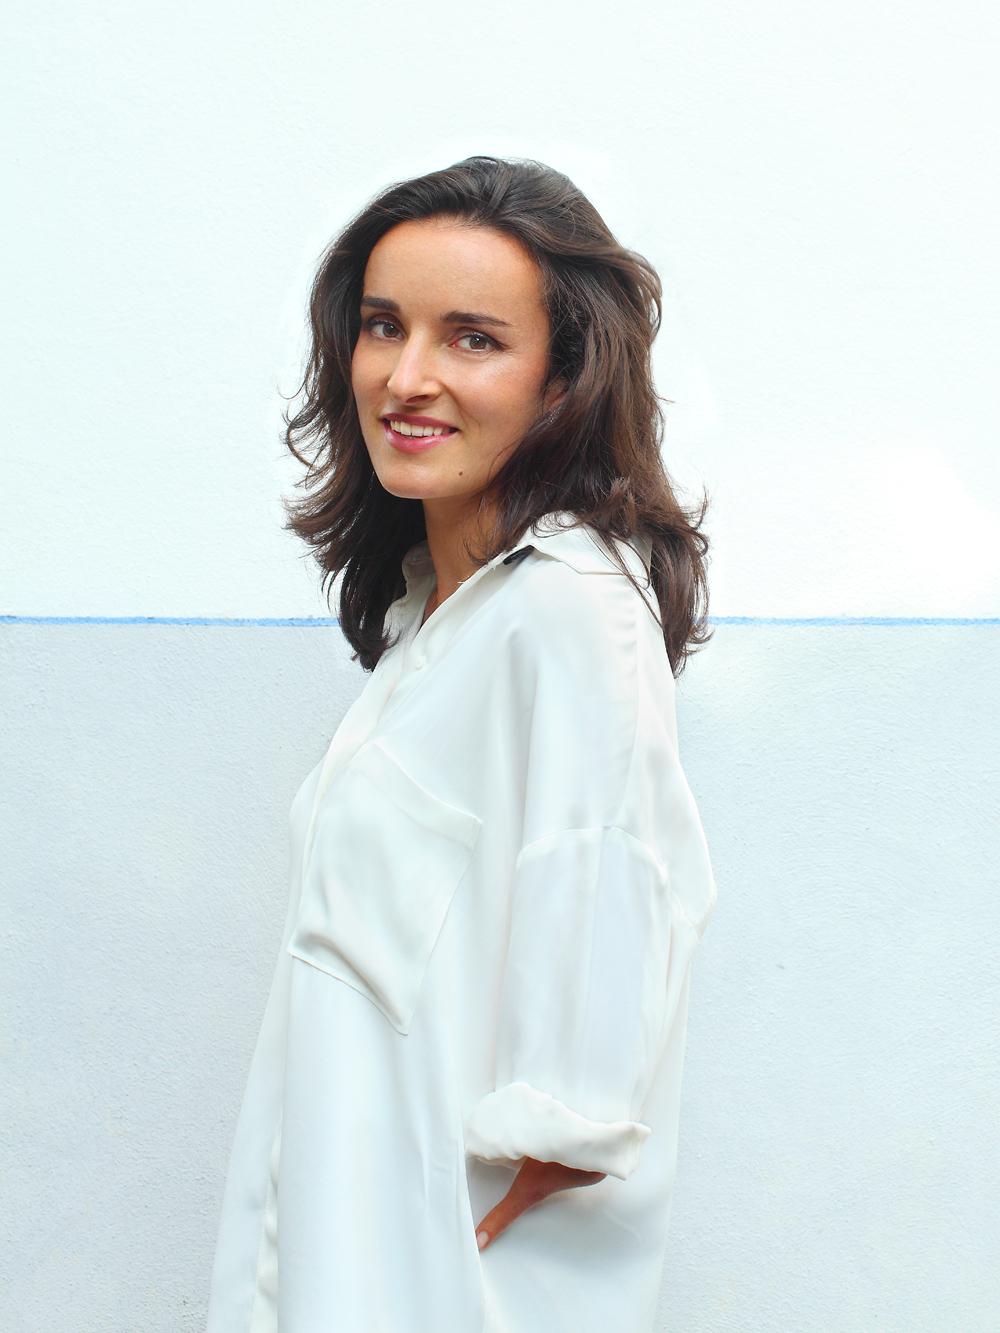 Spitzensportlerin und L' Oréal-Botschafterin Marie Bochet über Selbstvertrauen, ihre Beauty-Routine und Ihr Schönheitsgeheimnis